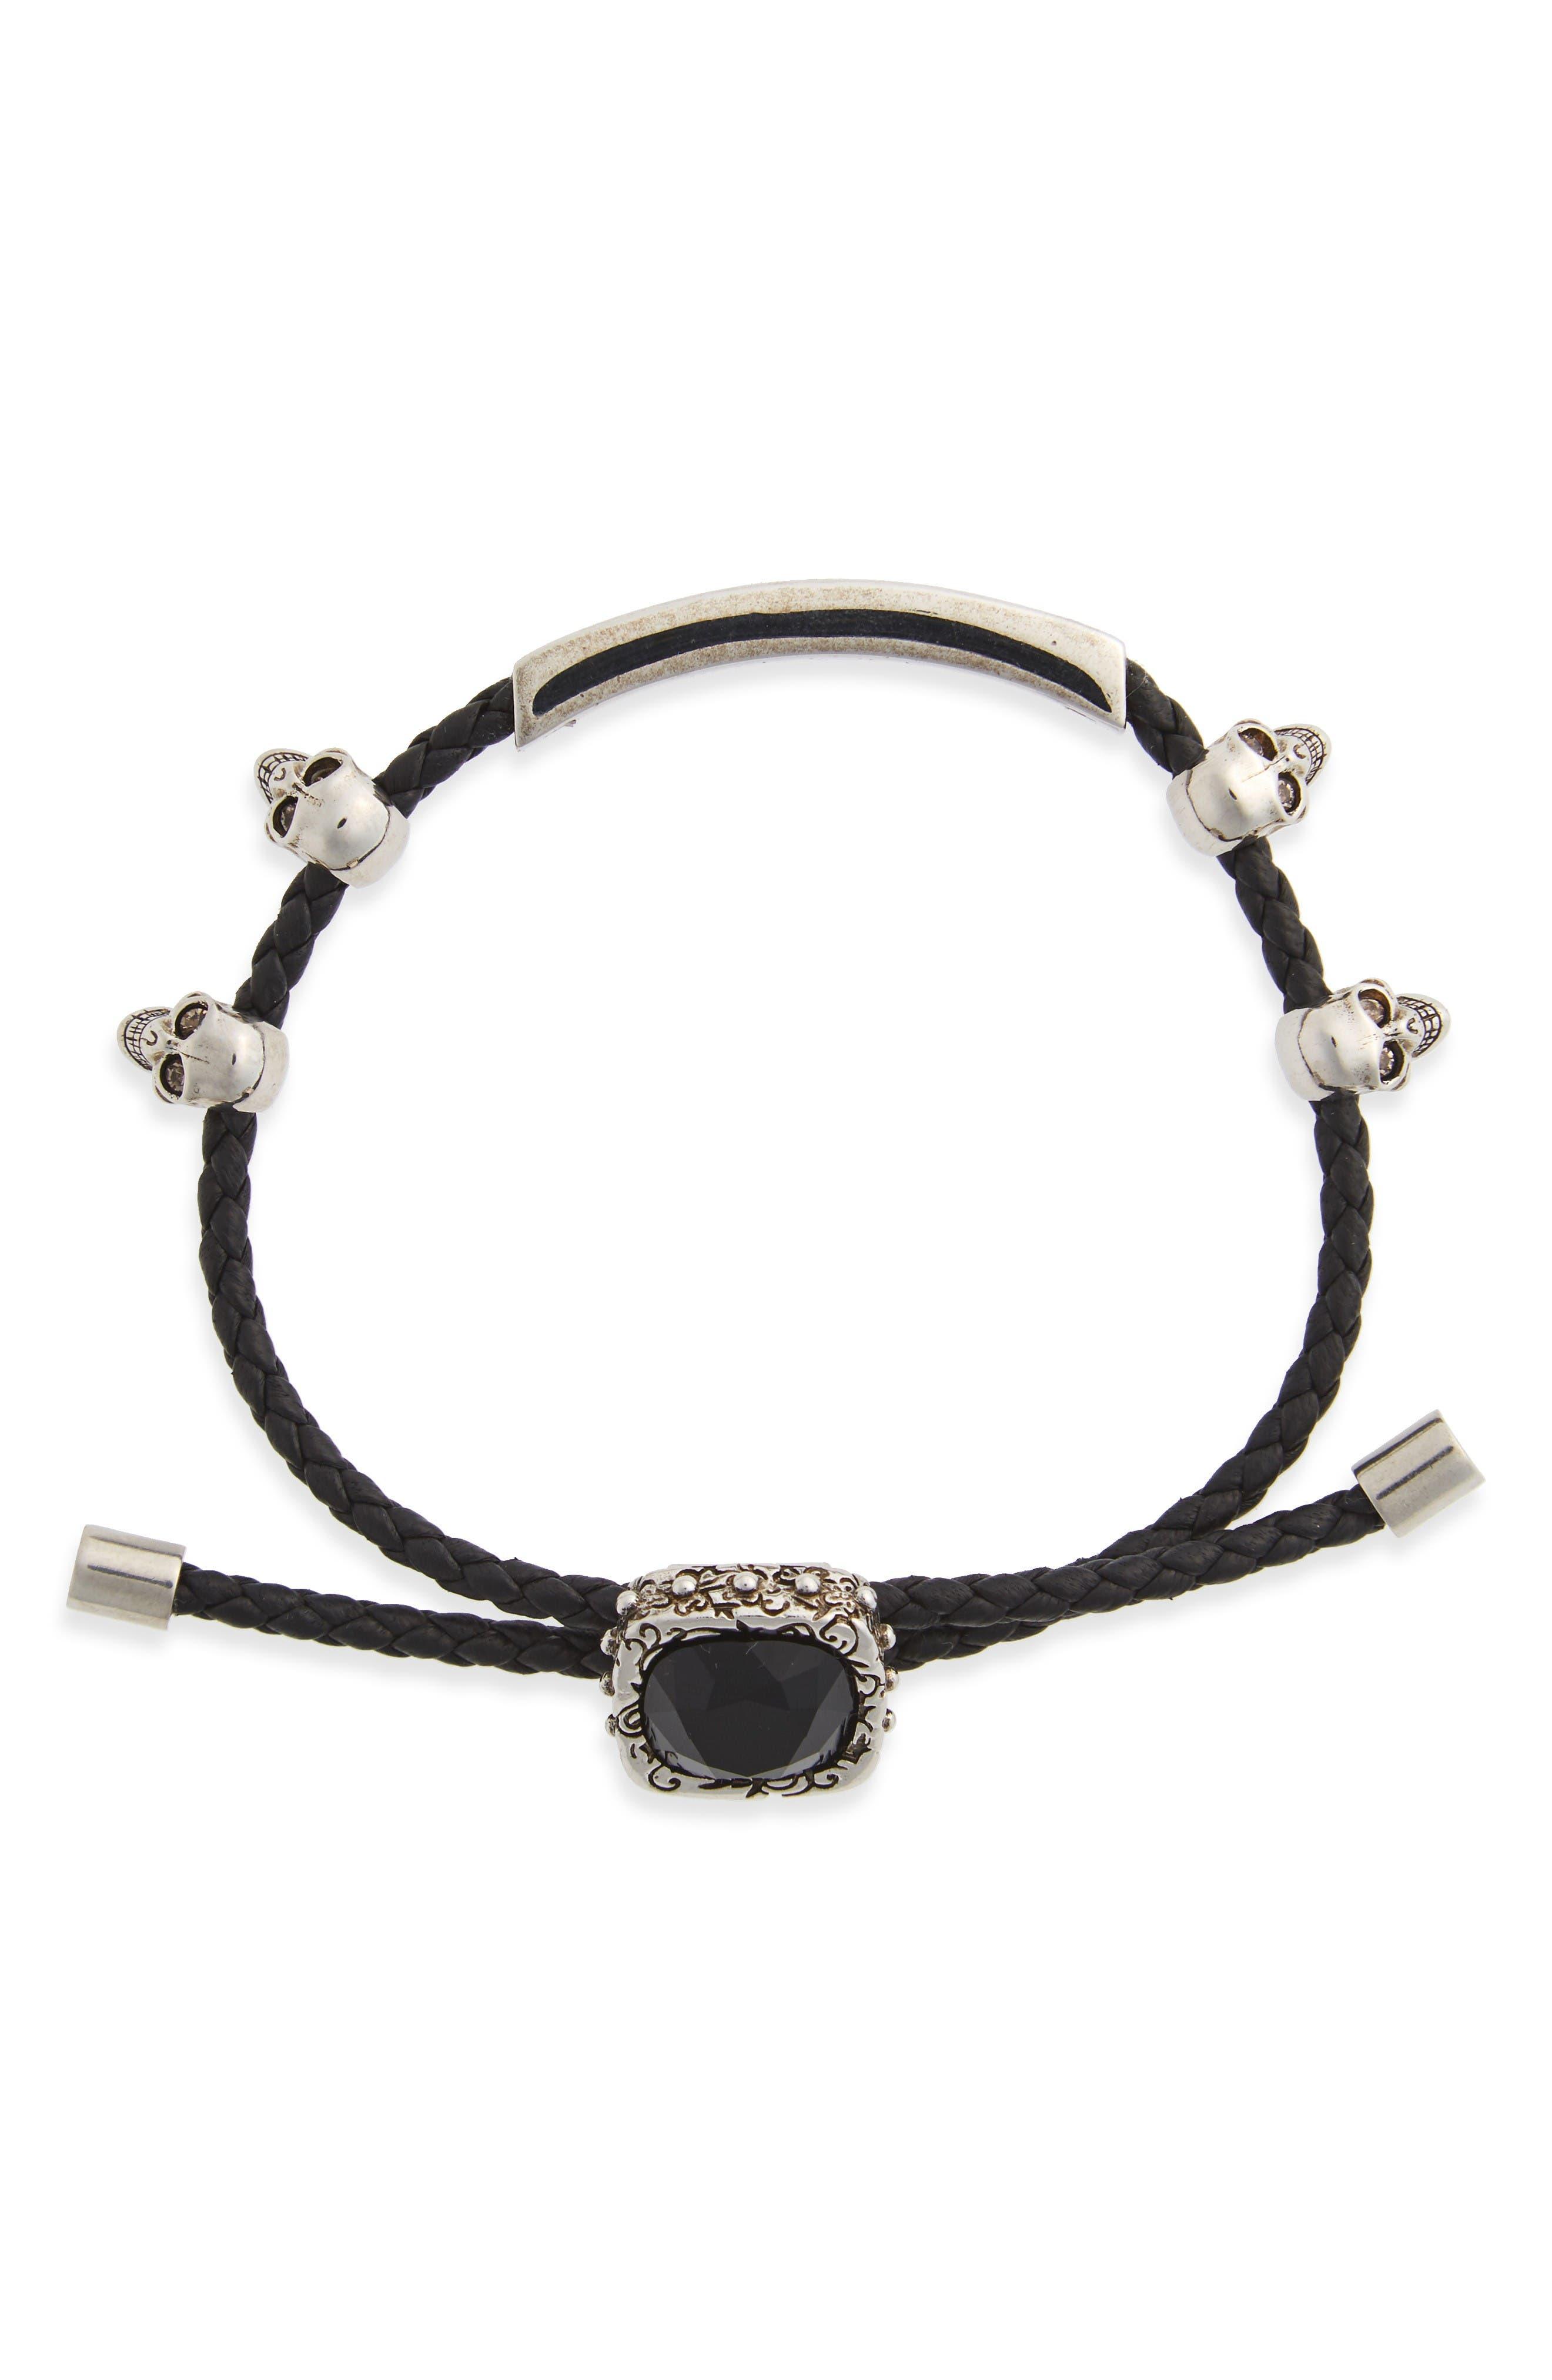 Alexander McQueen Jewel Friendship Bracelet